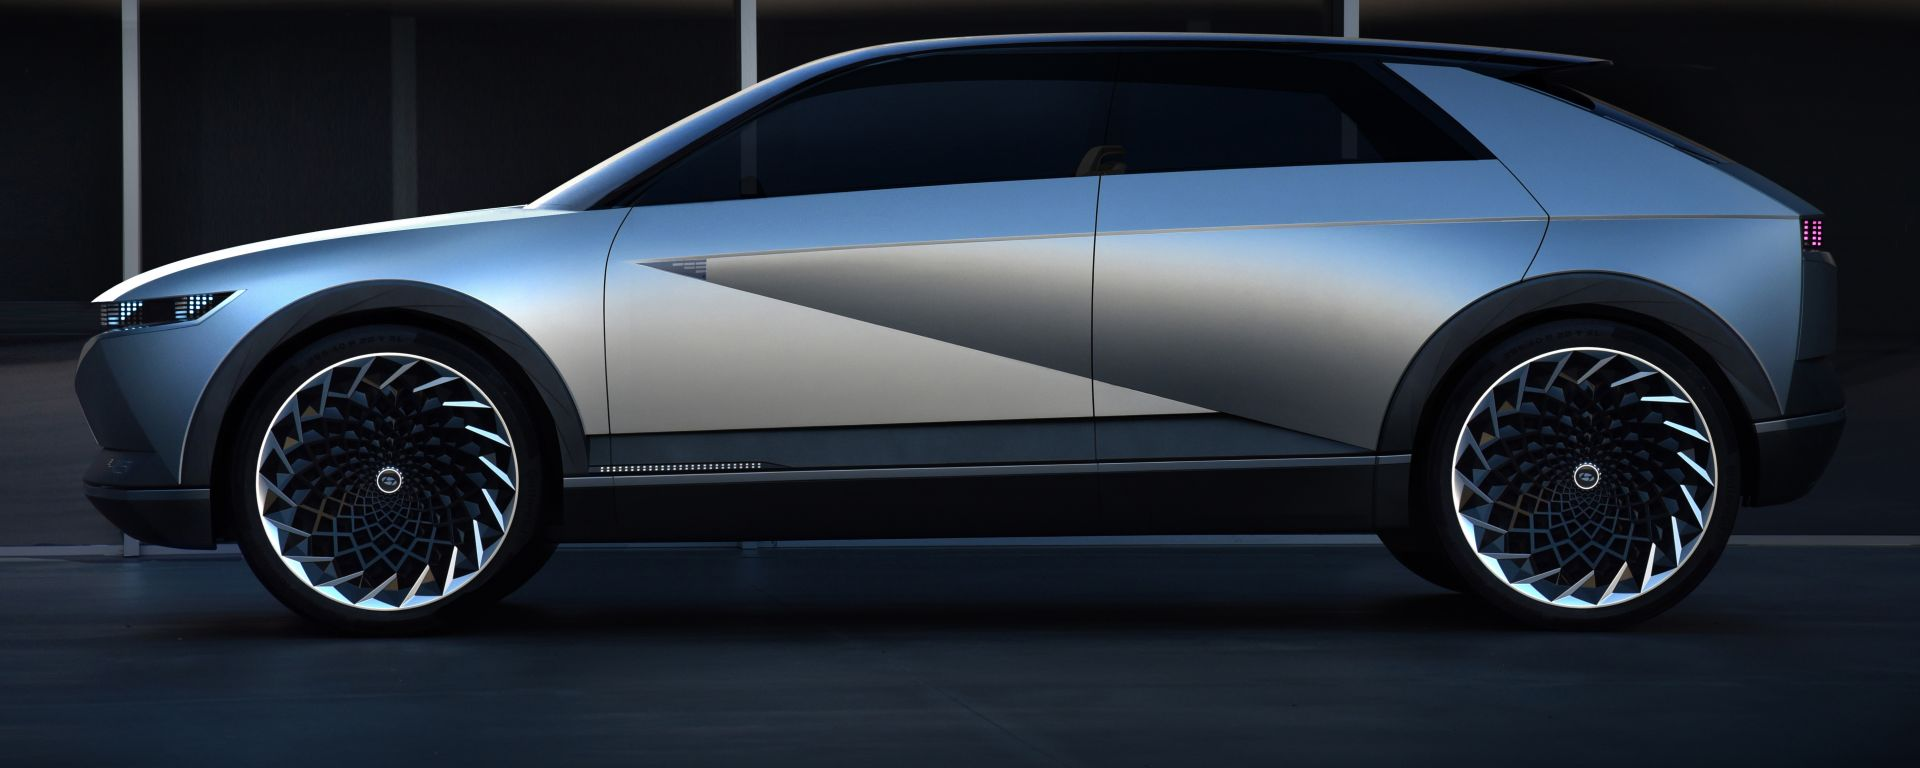 Hyundai 45 EV Concept 2019, lato sinistro: in evidenza la scalfatura obliqua sulla fiancata